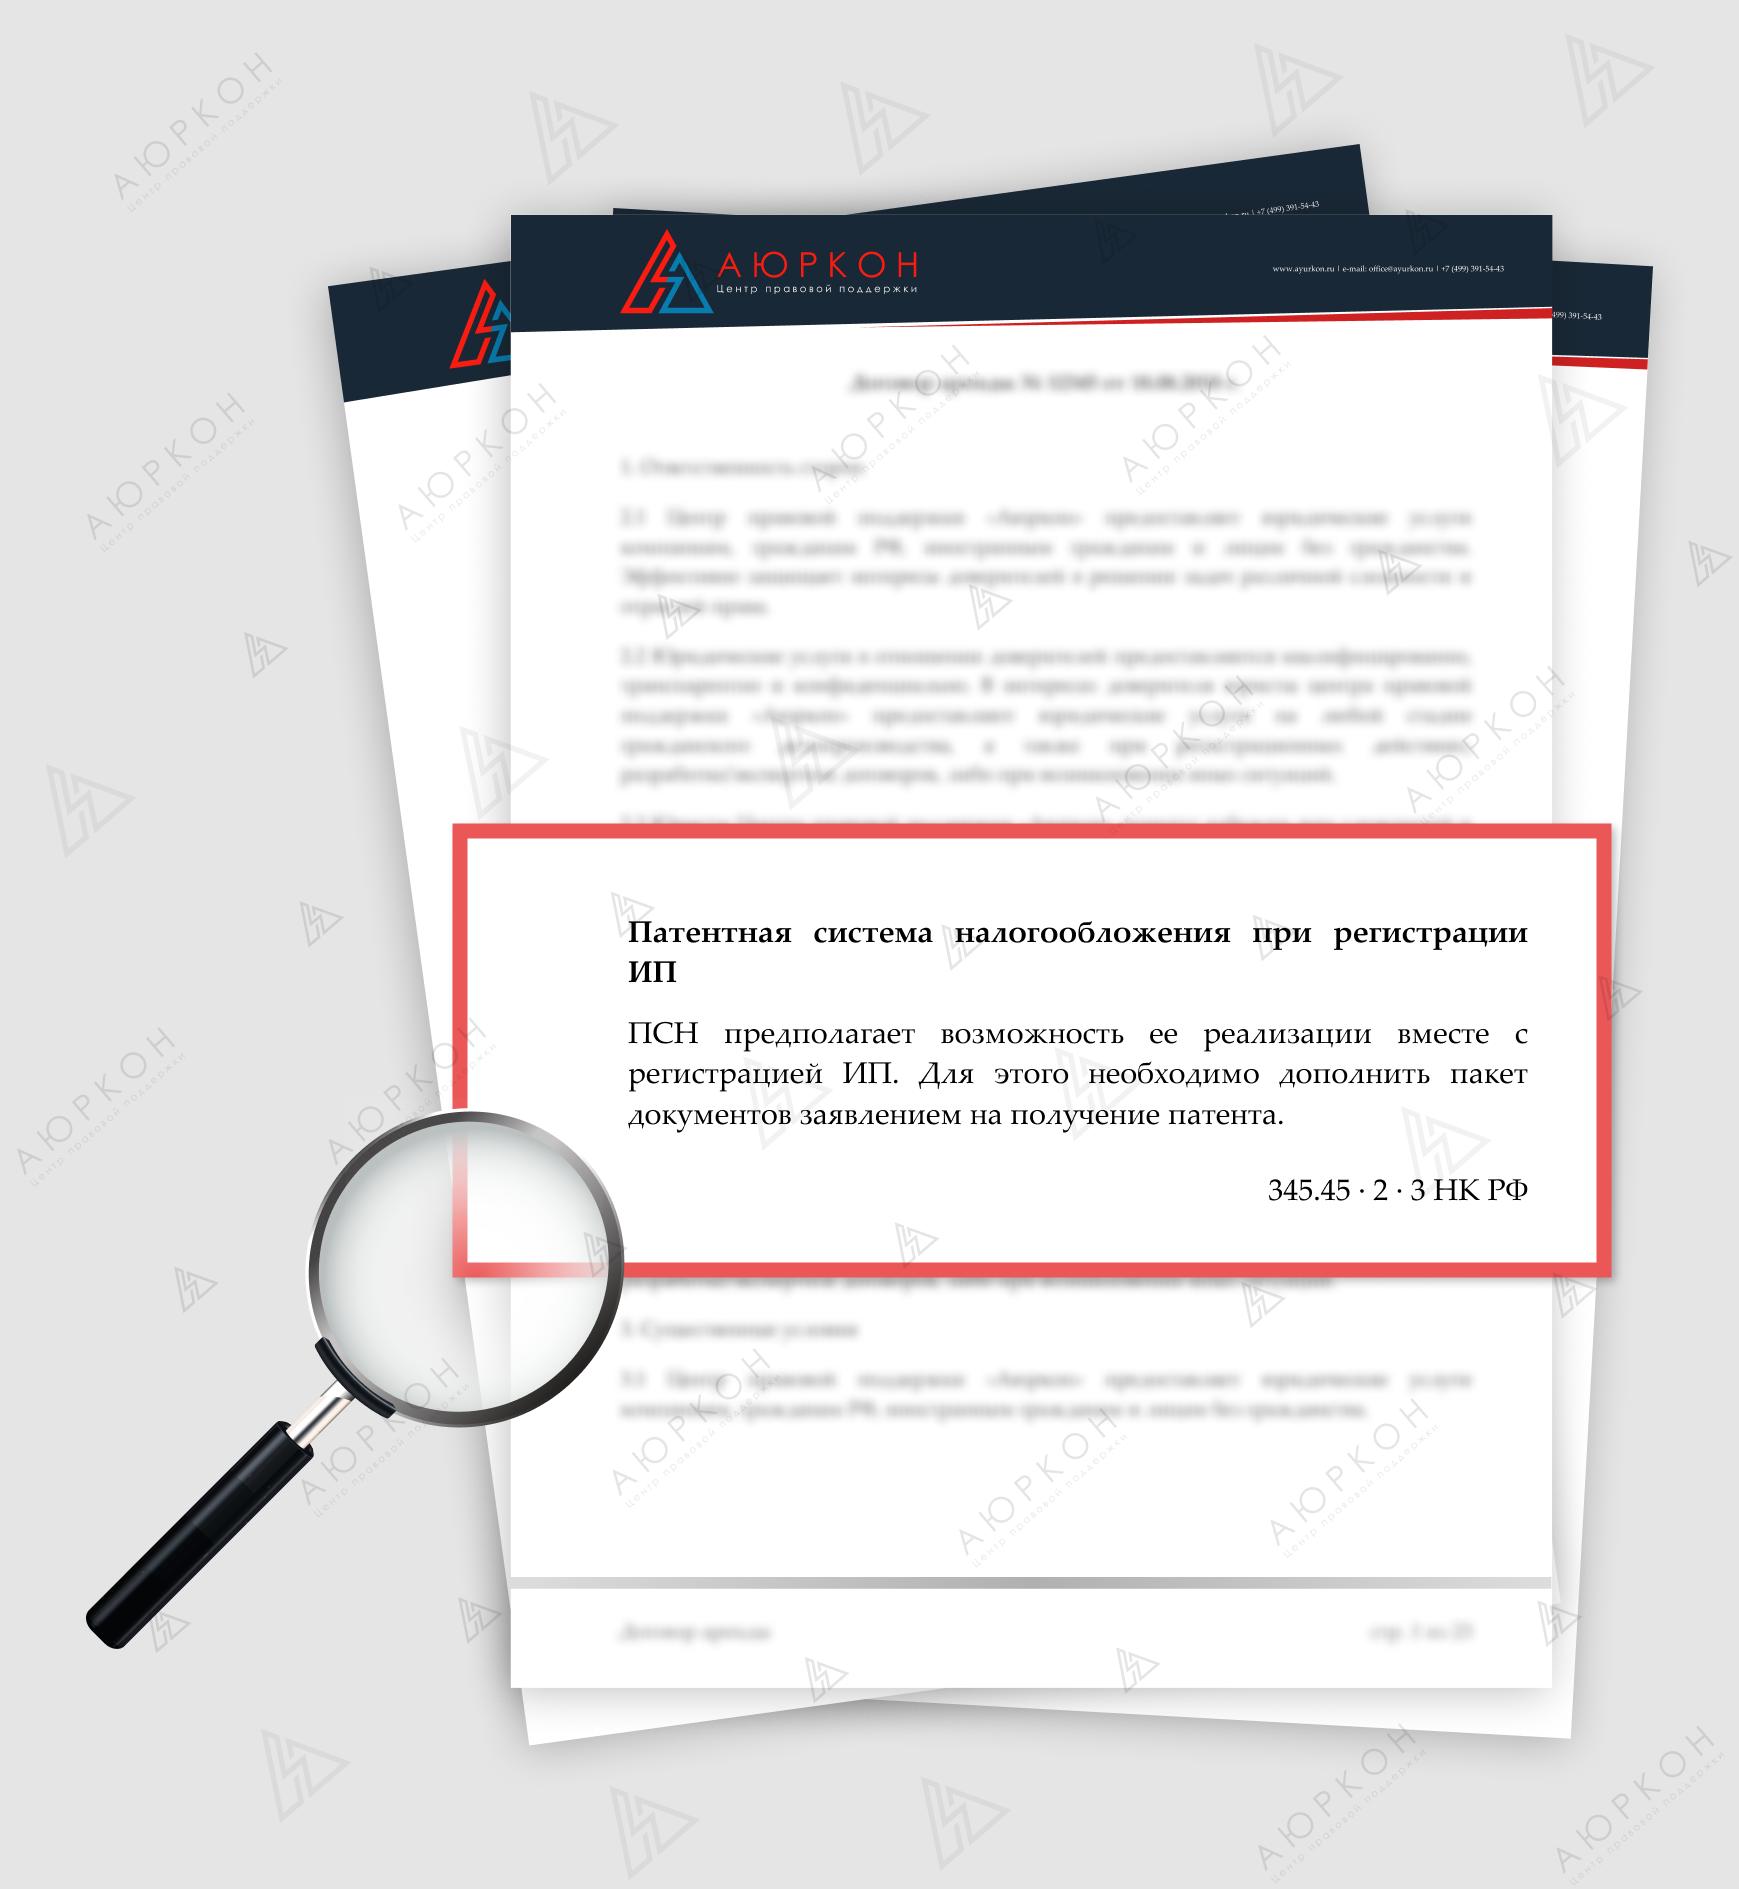 воронеж регистрация ип документы